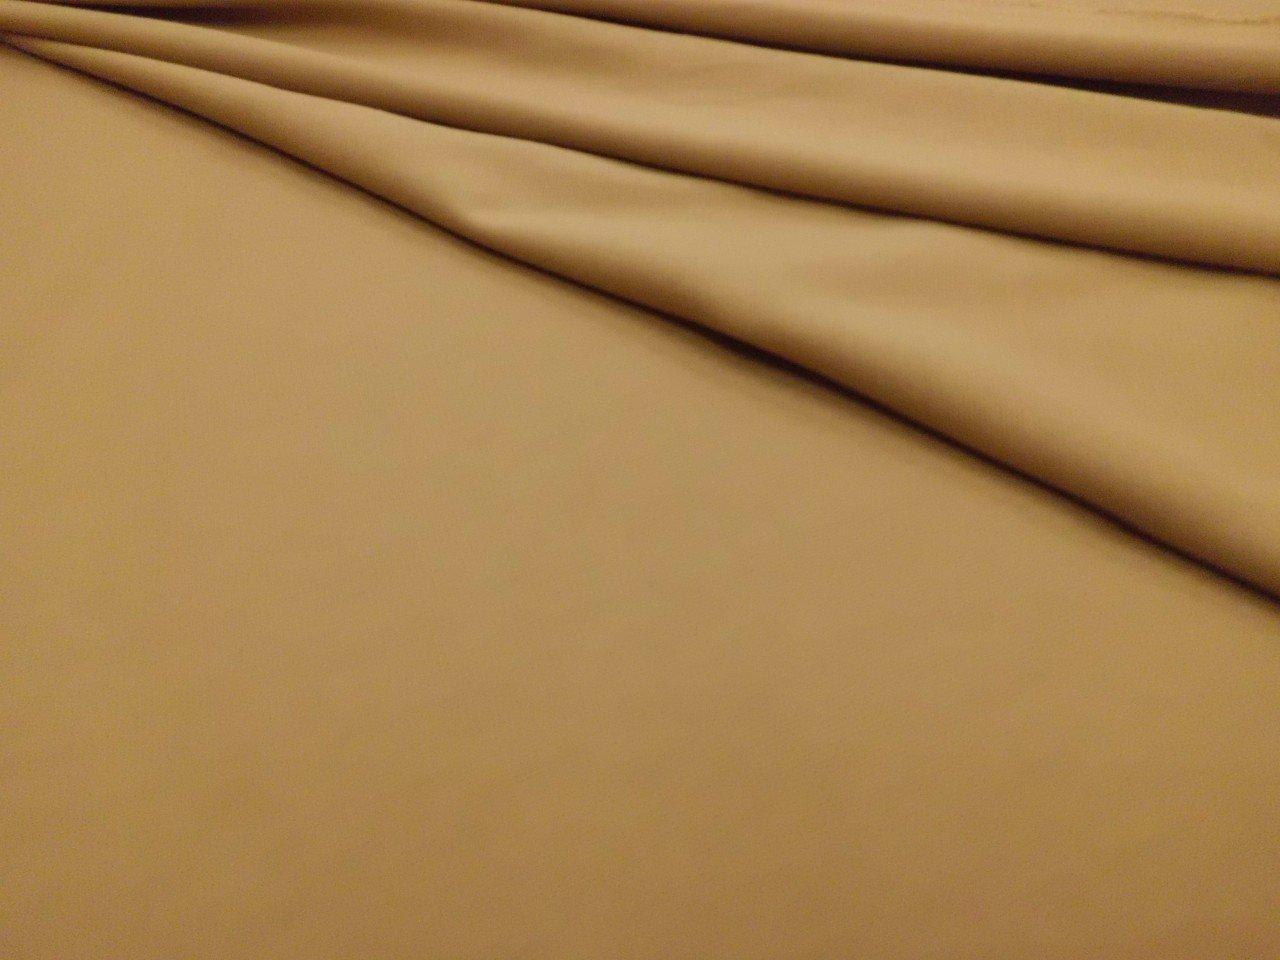 Ponte Knit in Medium Beige